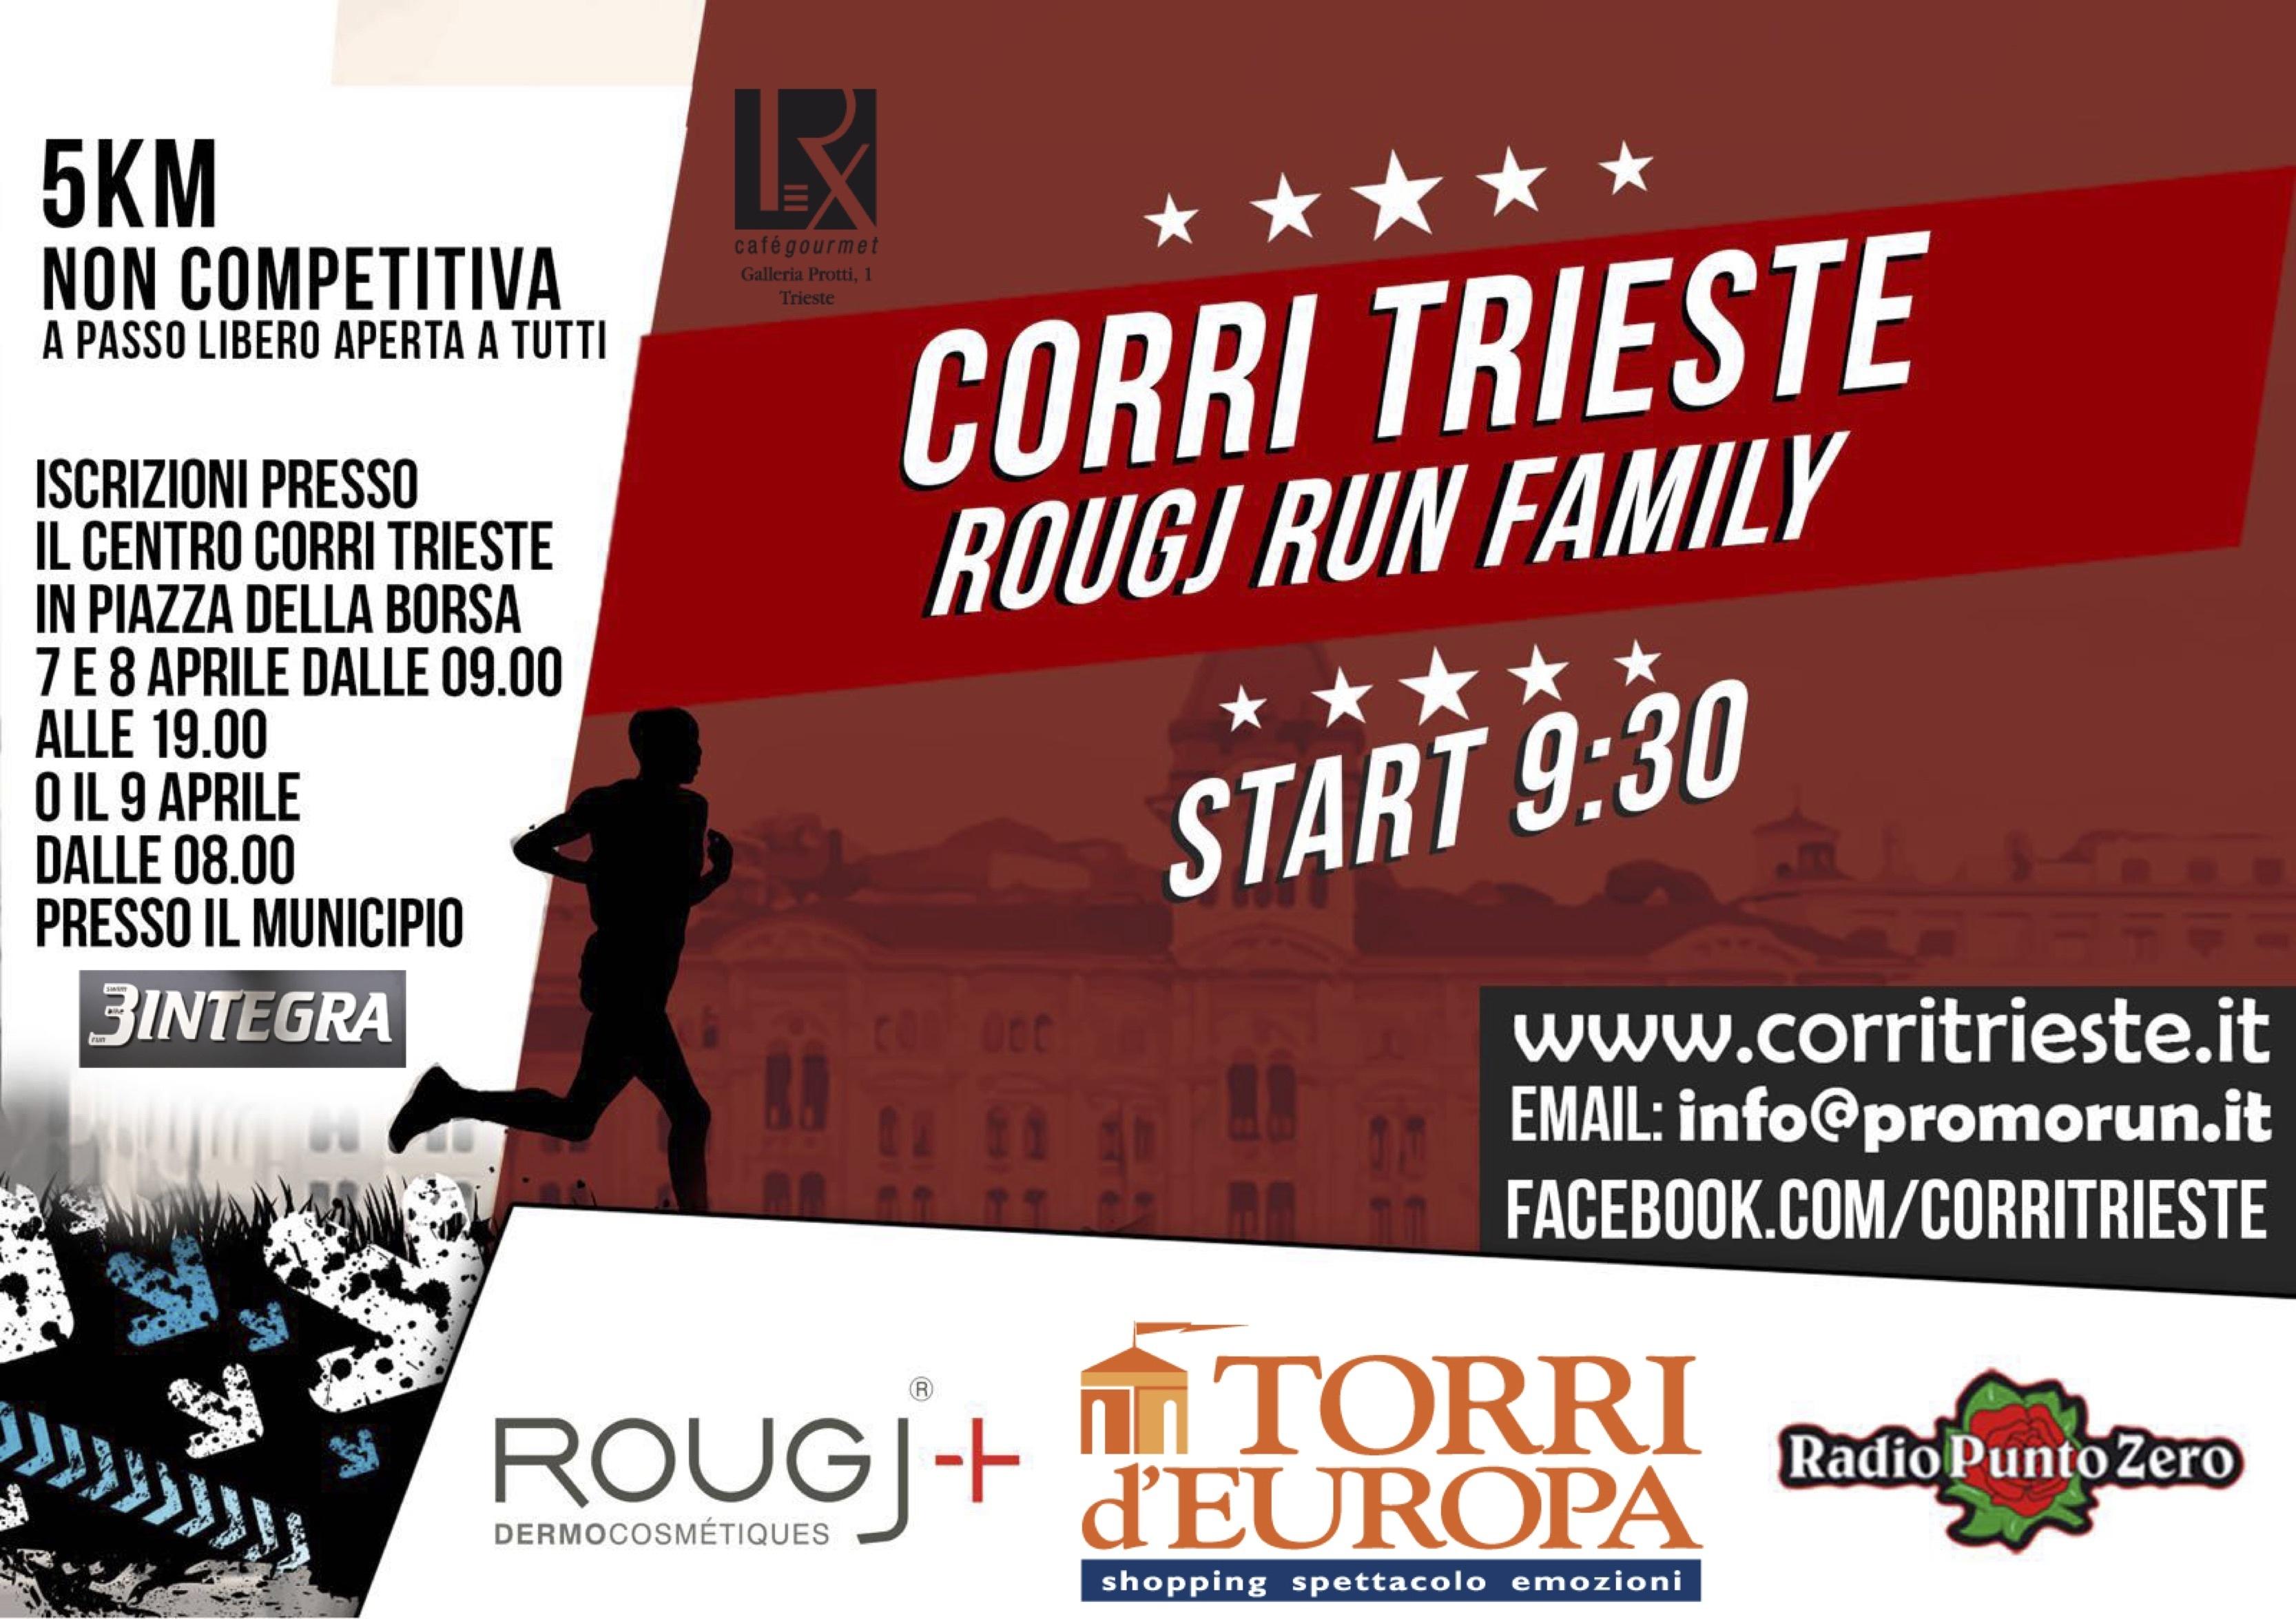 Partecipa alla Rougj Family Run di Trieste!